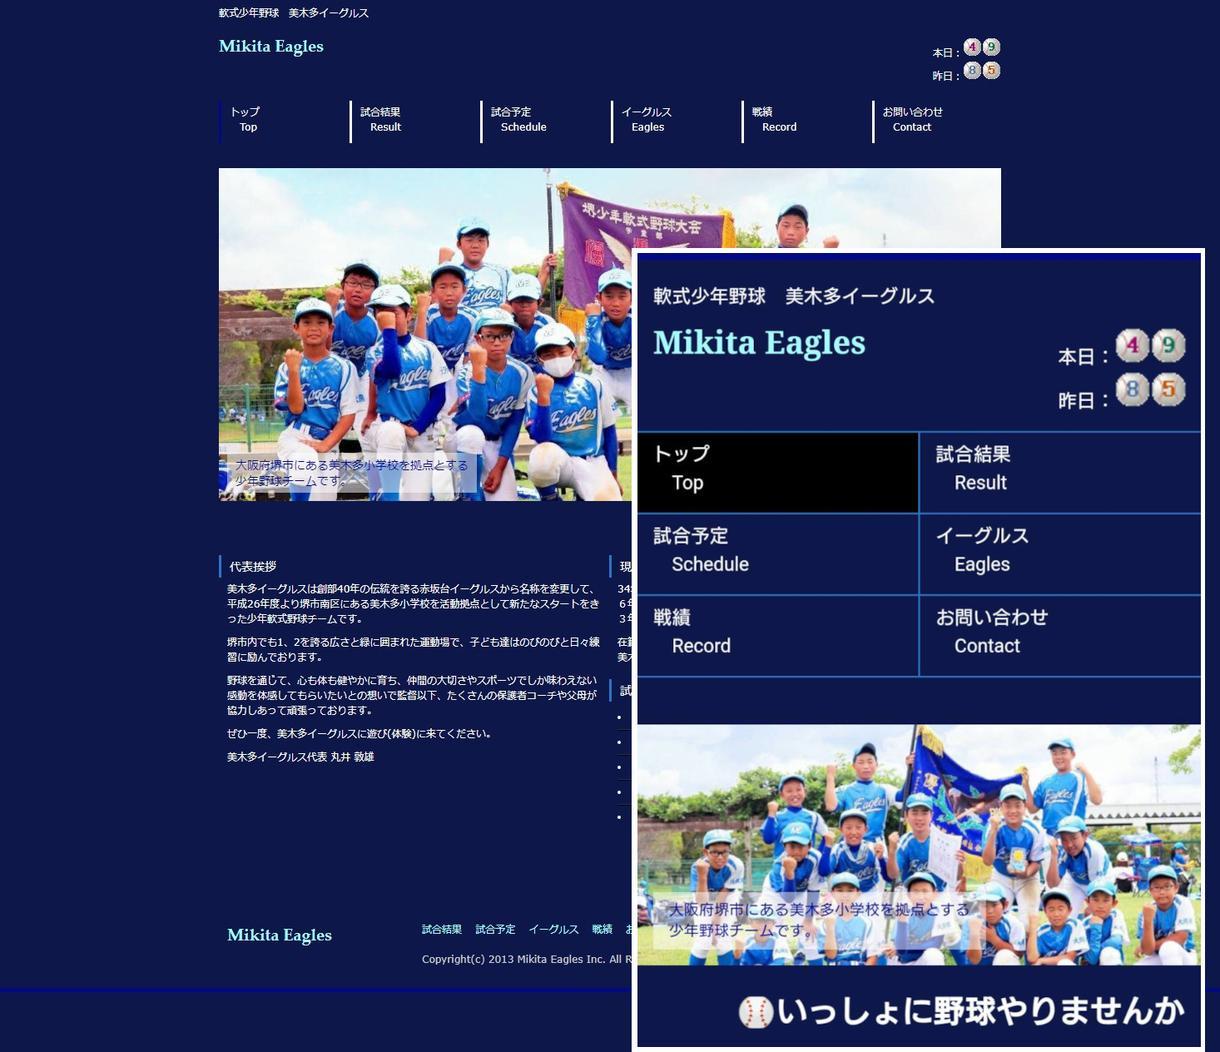 ホームページ作成を作成します レスポンシブに対応したホームページをカスタマイズします イメージ1